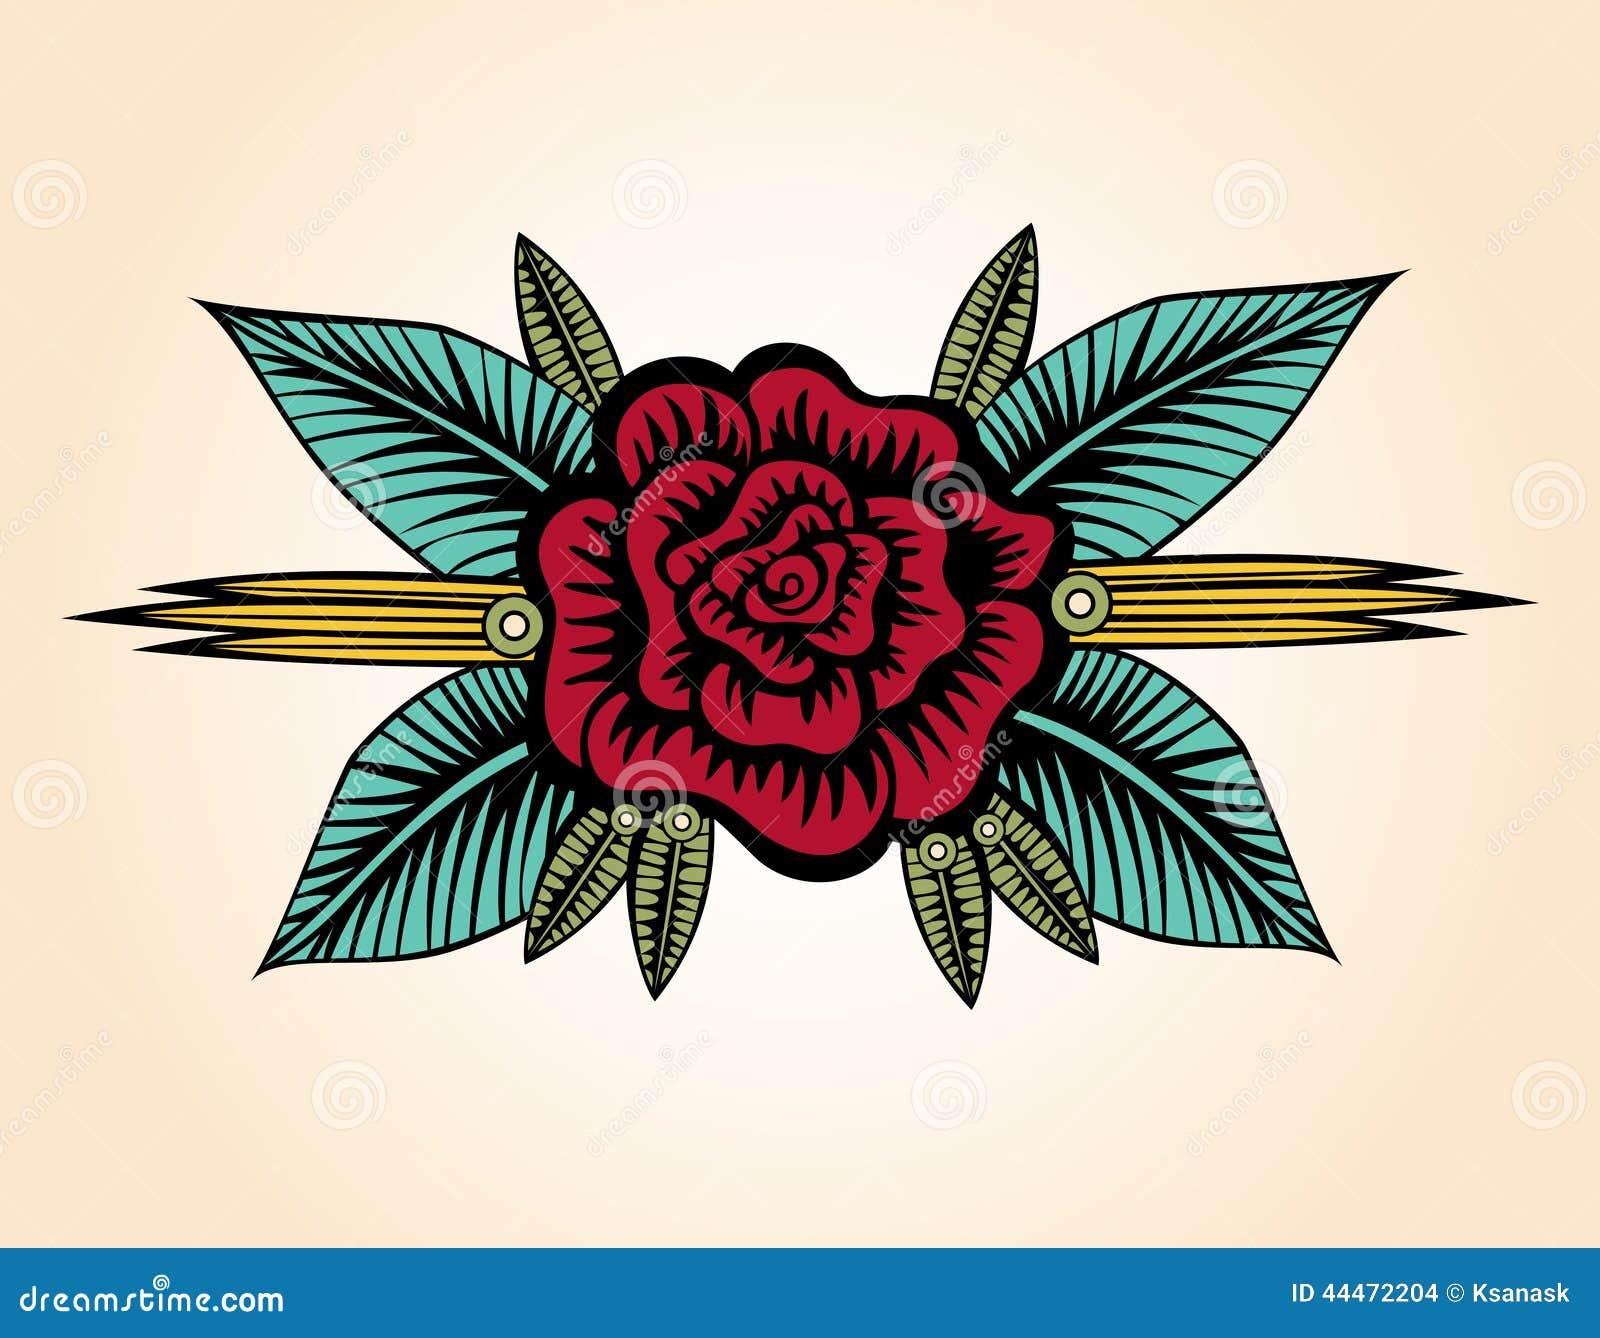 Rose Illustration Tattoo Traffic Club